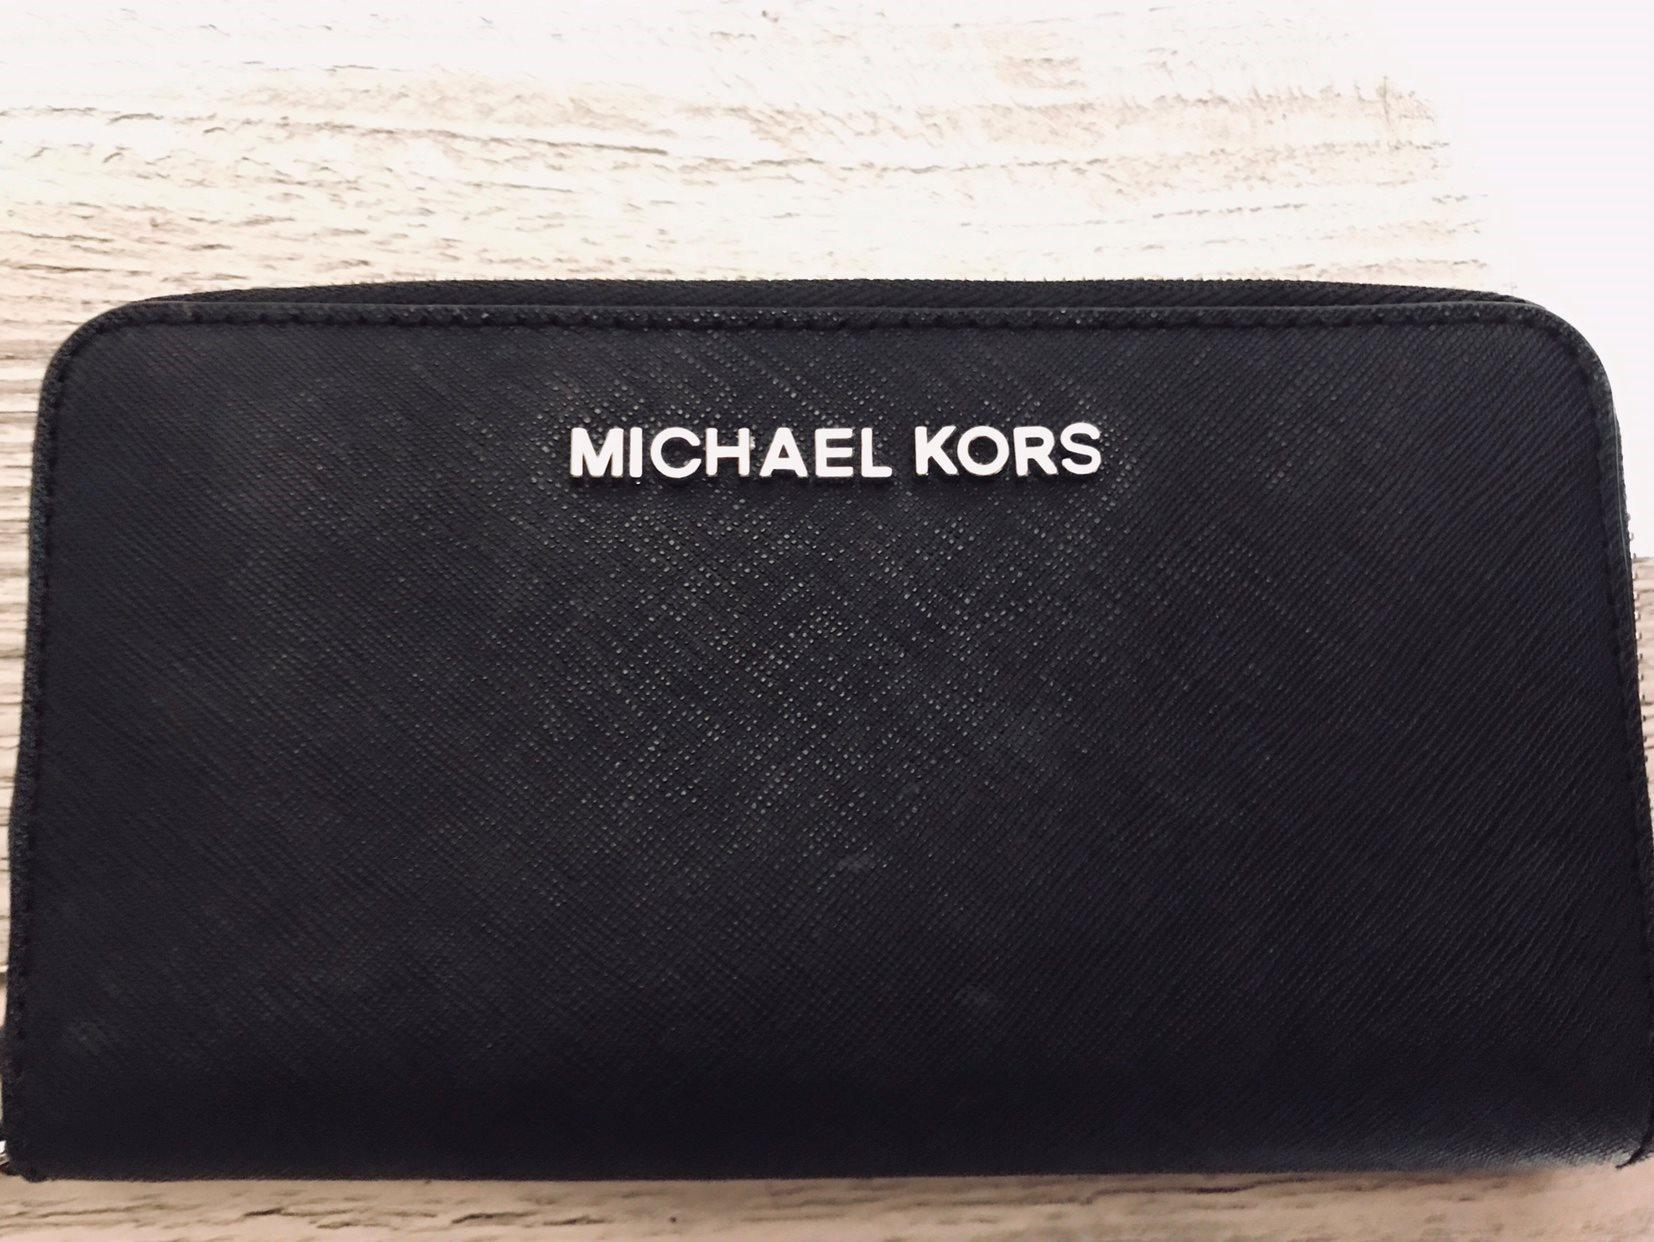 michael kors plånbok svart silver